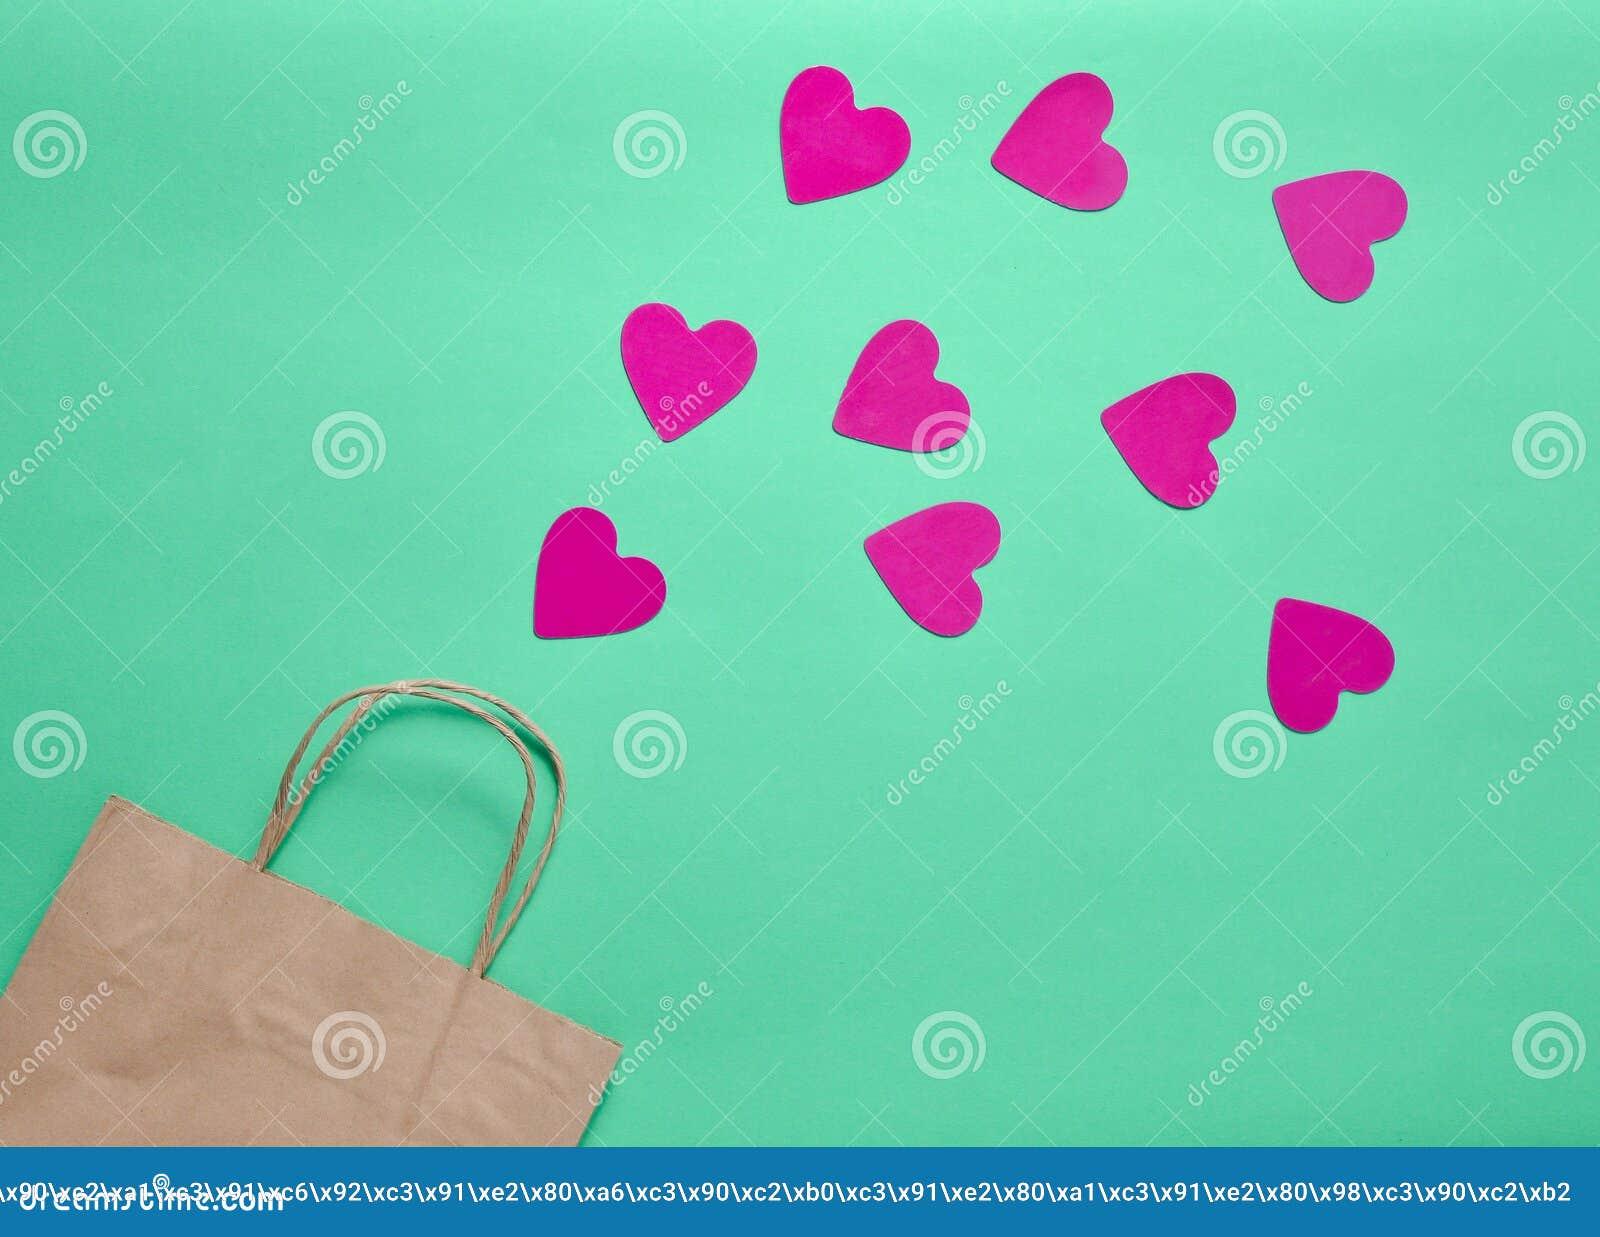 El Concepto De Amor De Las Compras Una Bolsa De Papel Para Hacer